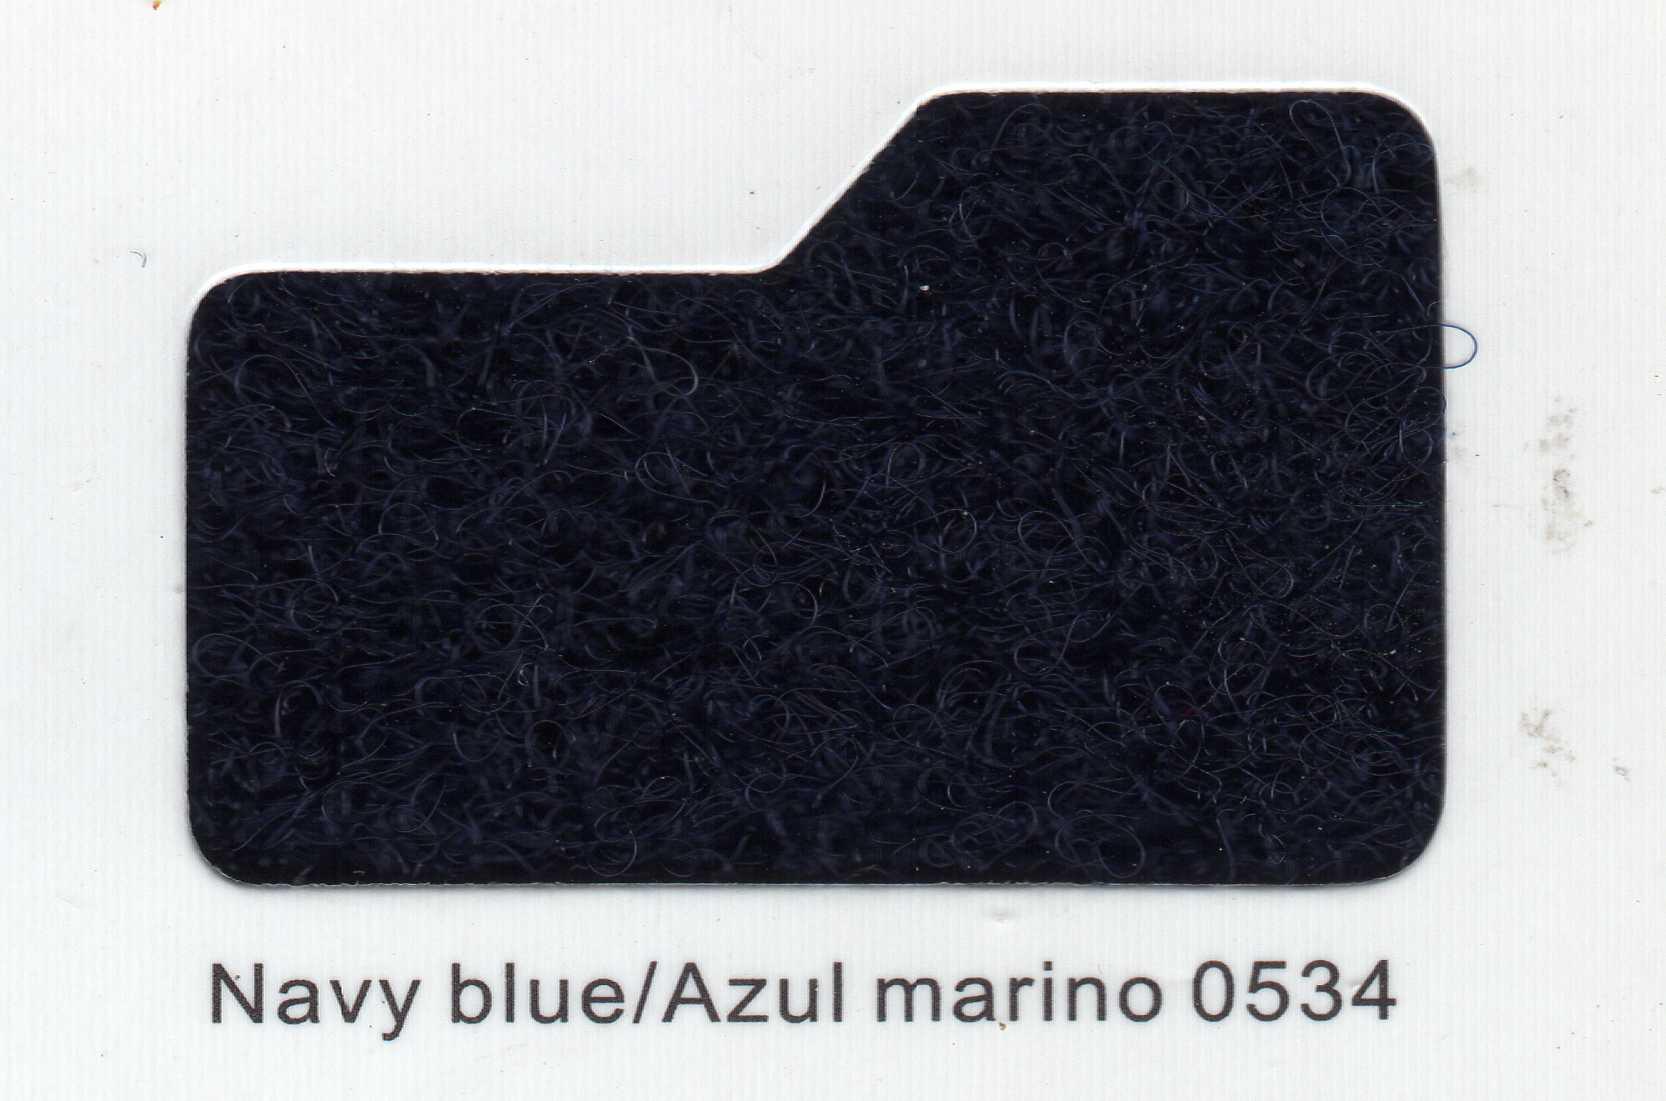 Cinta de cierre Velcro-Veraco 100mm Azul Marino 0534 (Gancho).